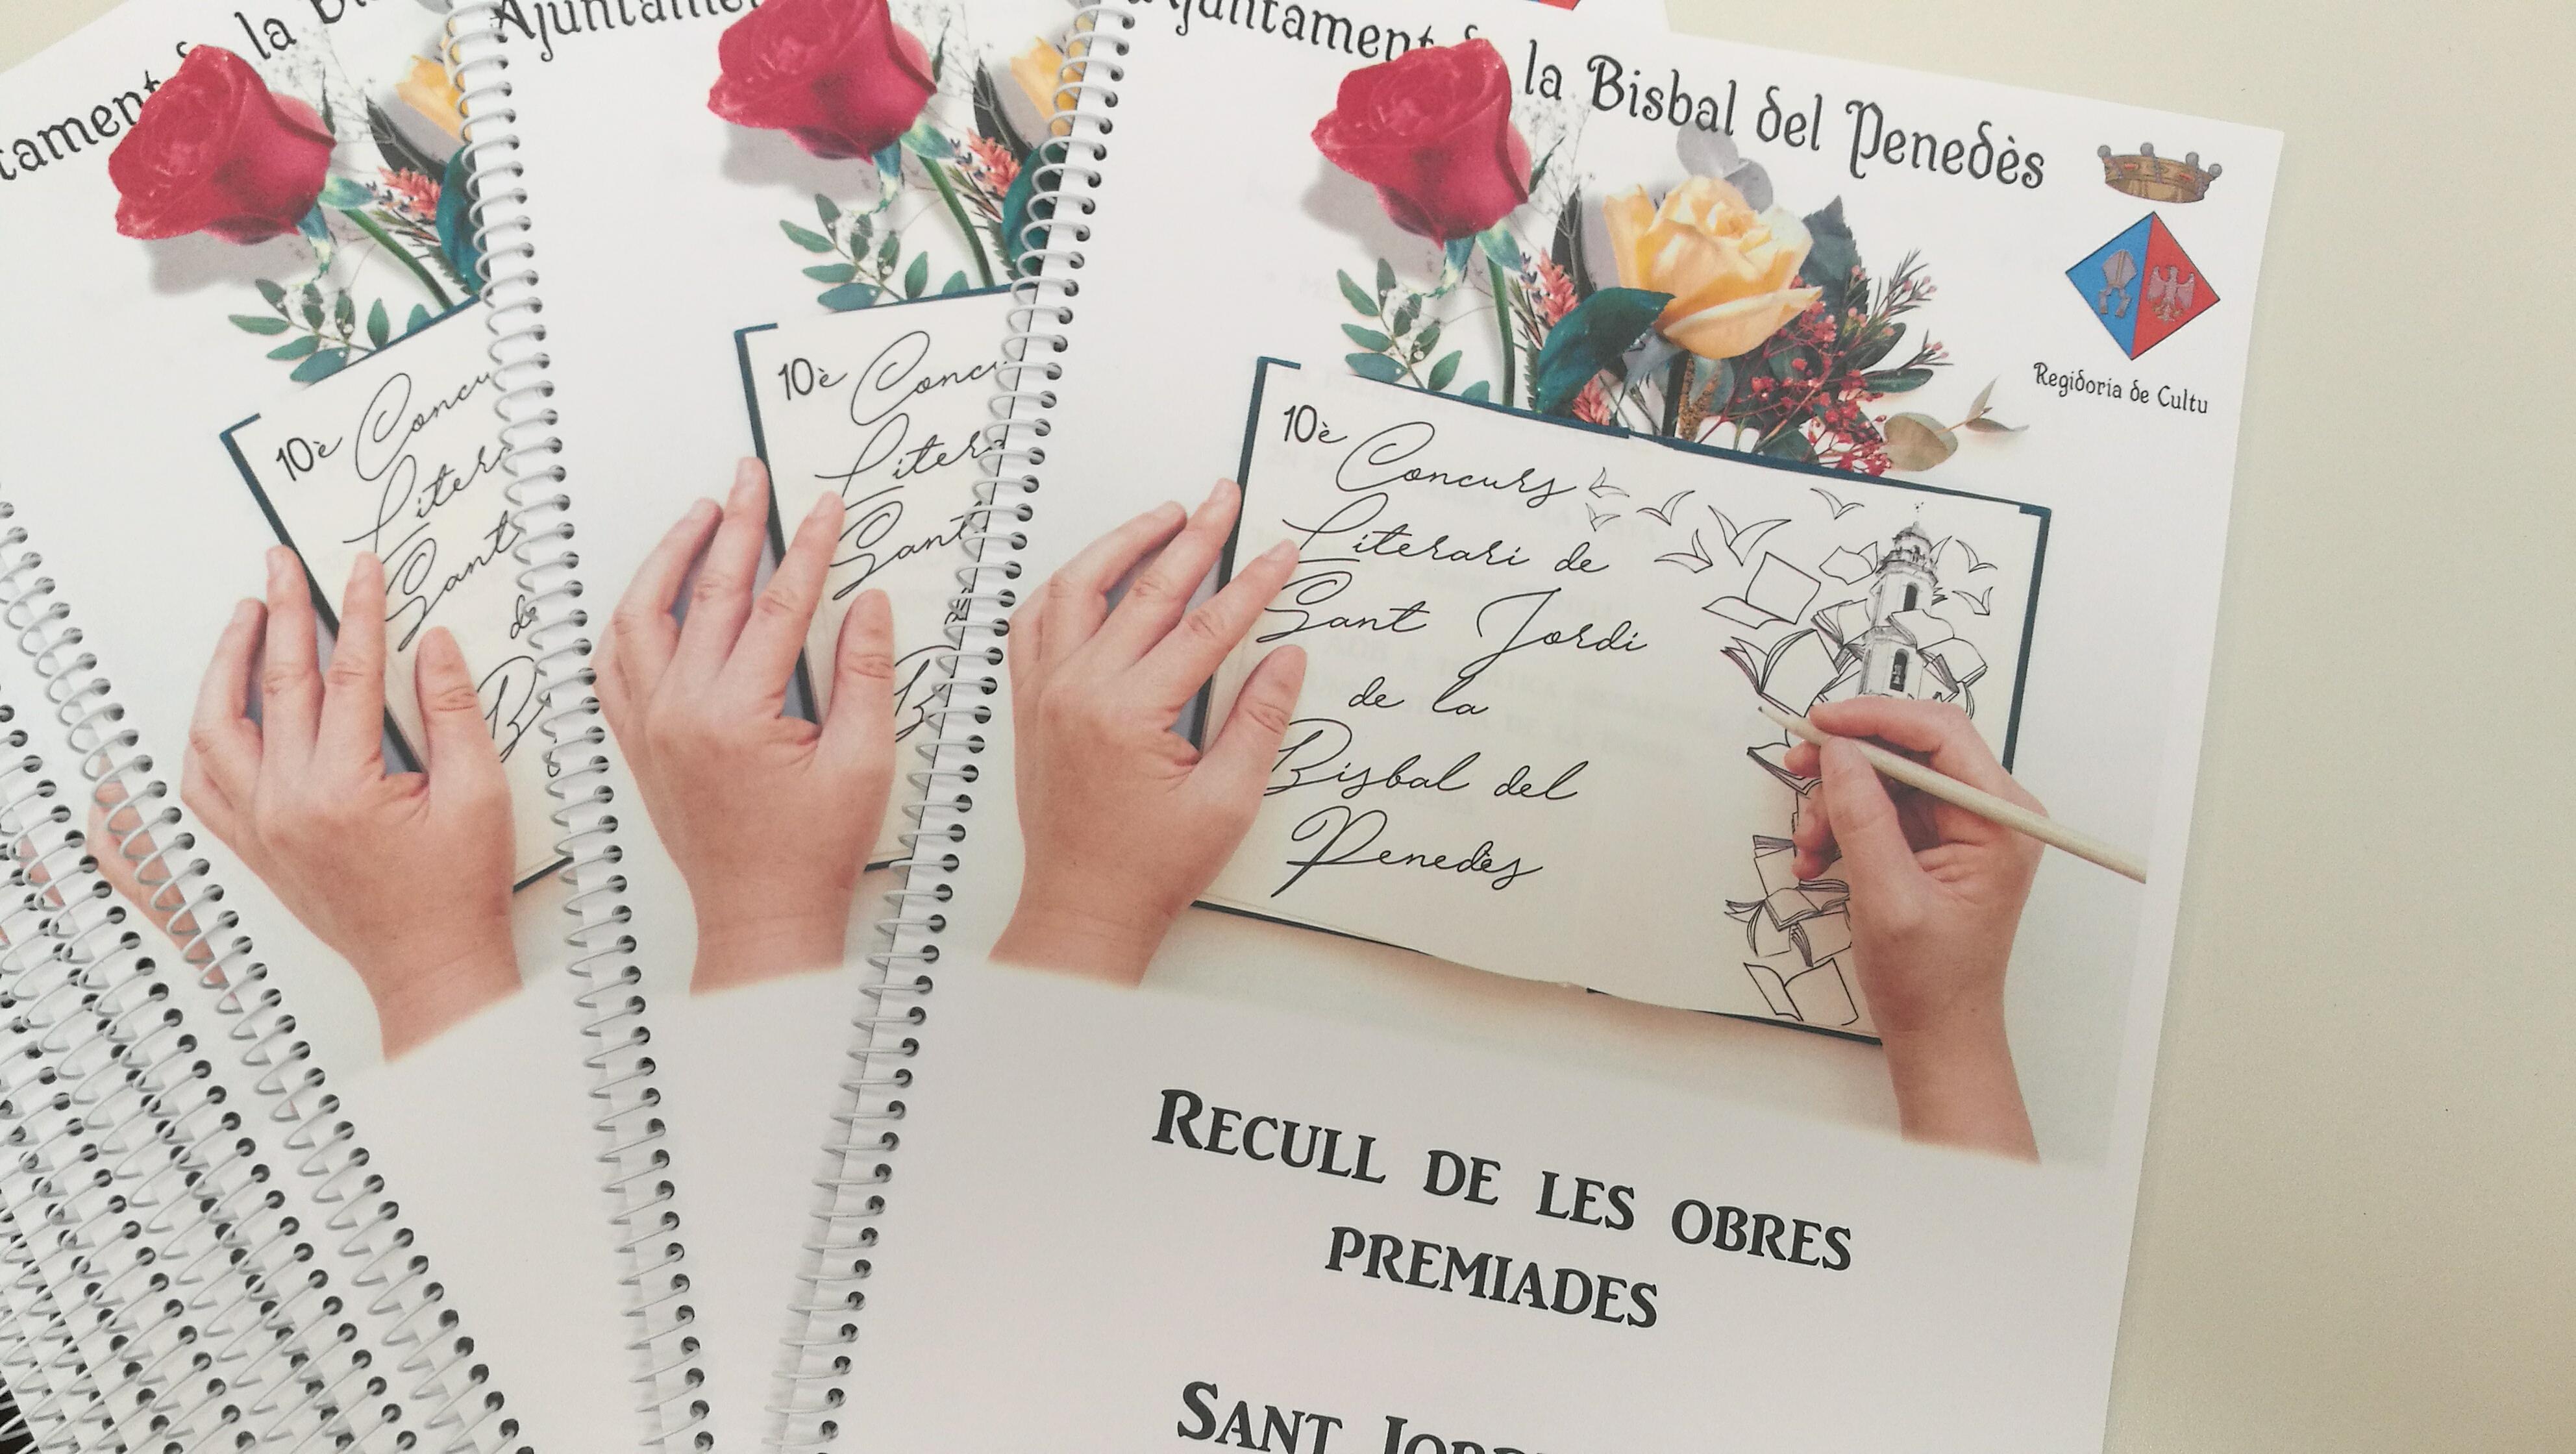 Voleu una còpia dels treballs premiats al 10è Concurs Literari de Sant Jordi?